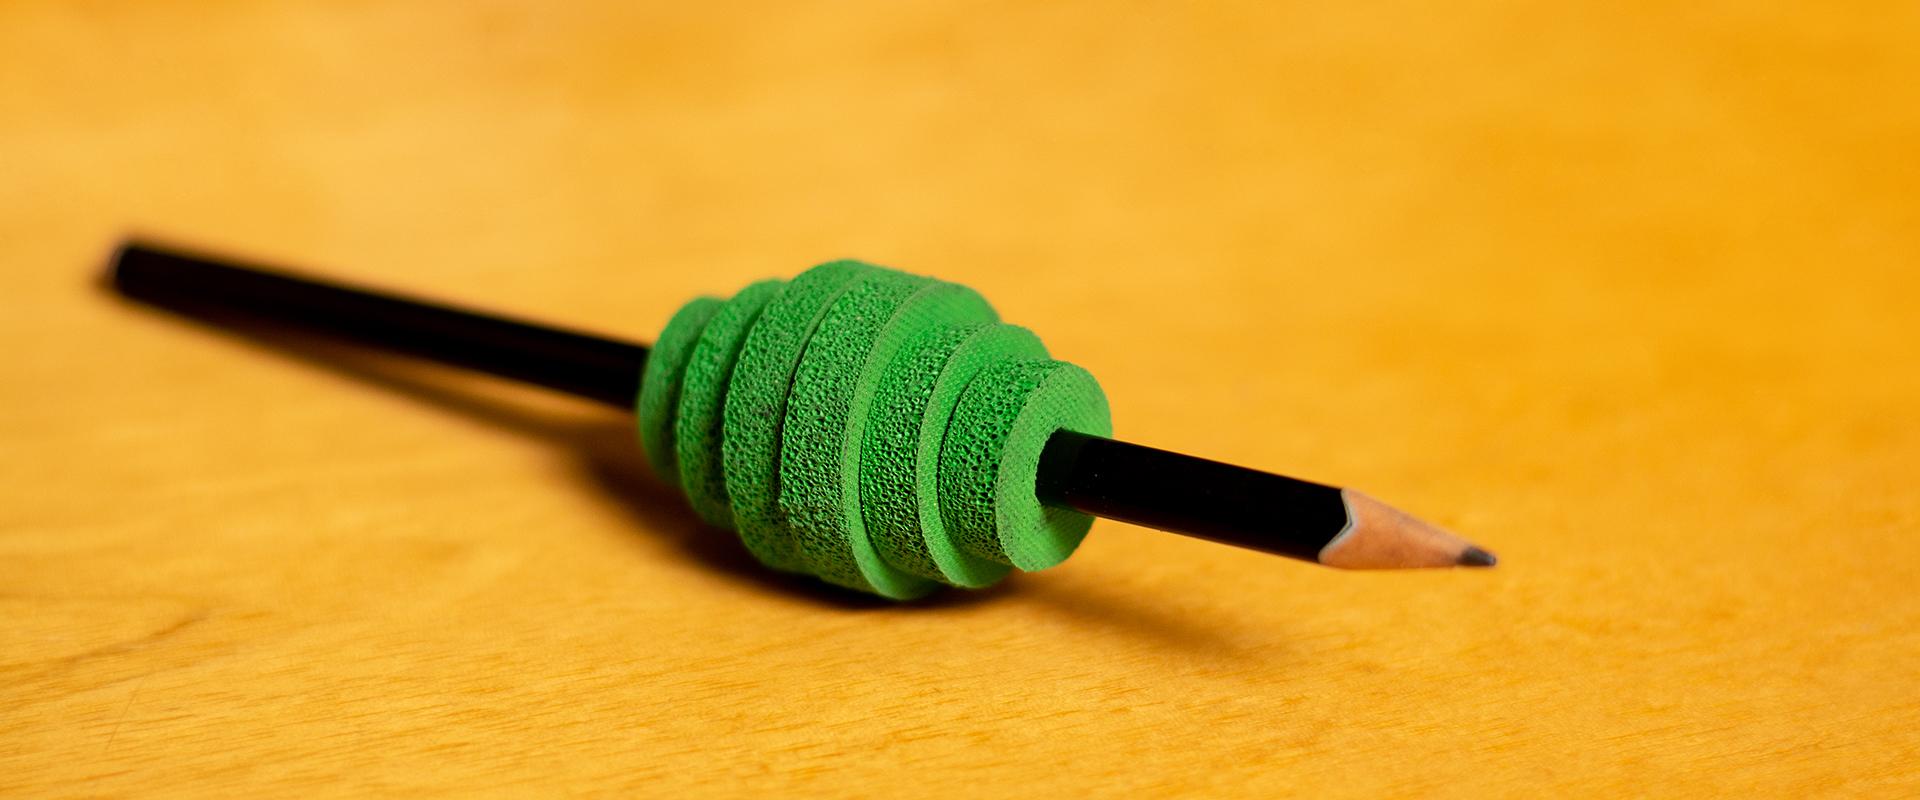 Saiba como usar Engrossadores, Fixadores e demais recursos de Tecnologia Assistiva da Mercur